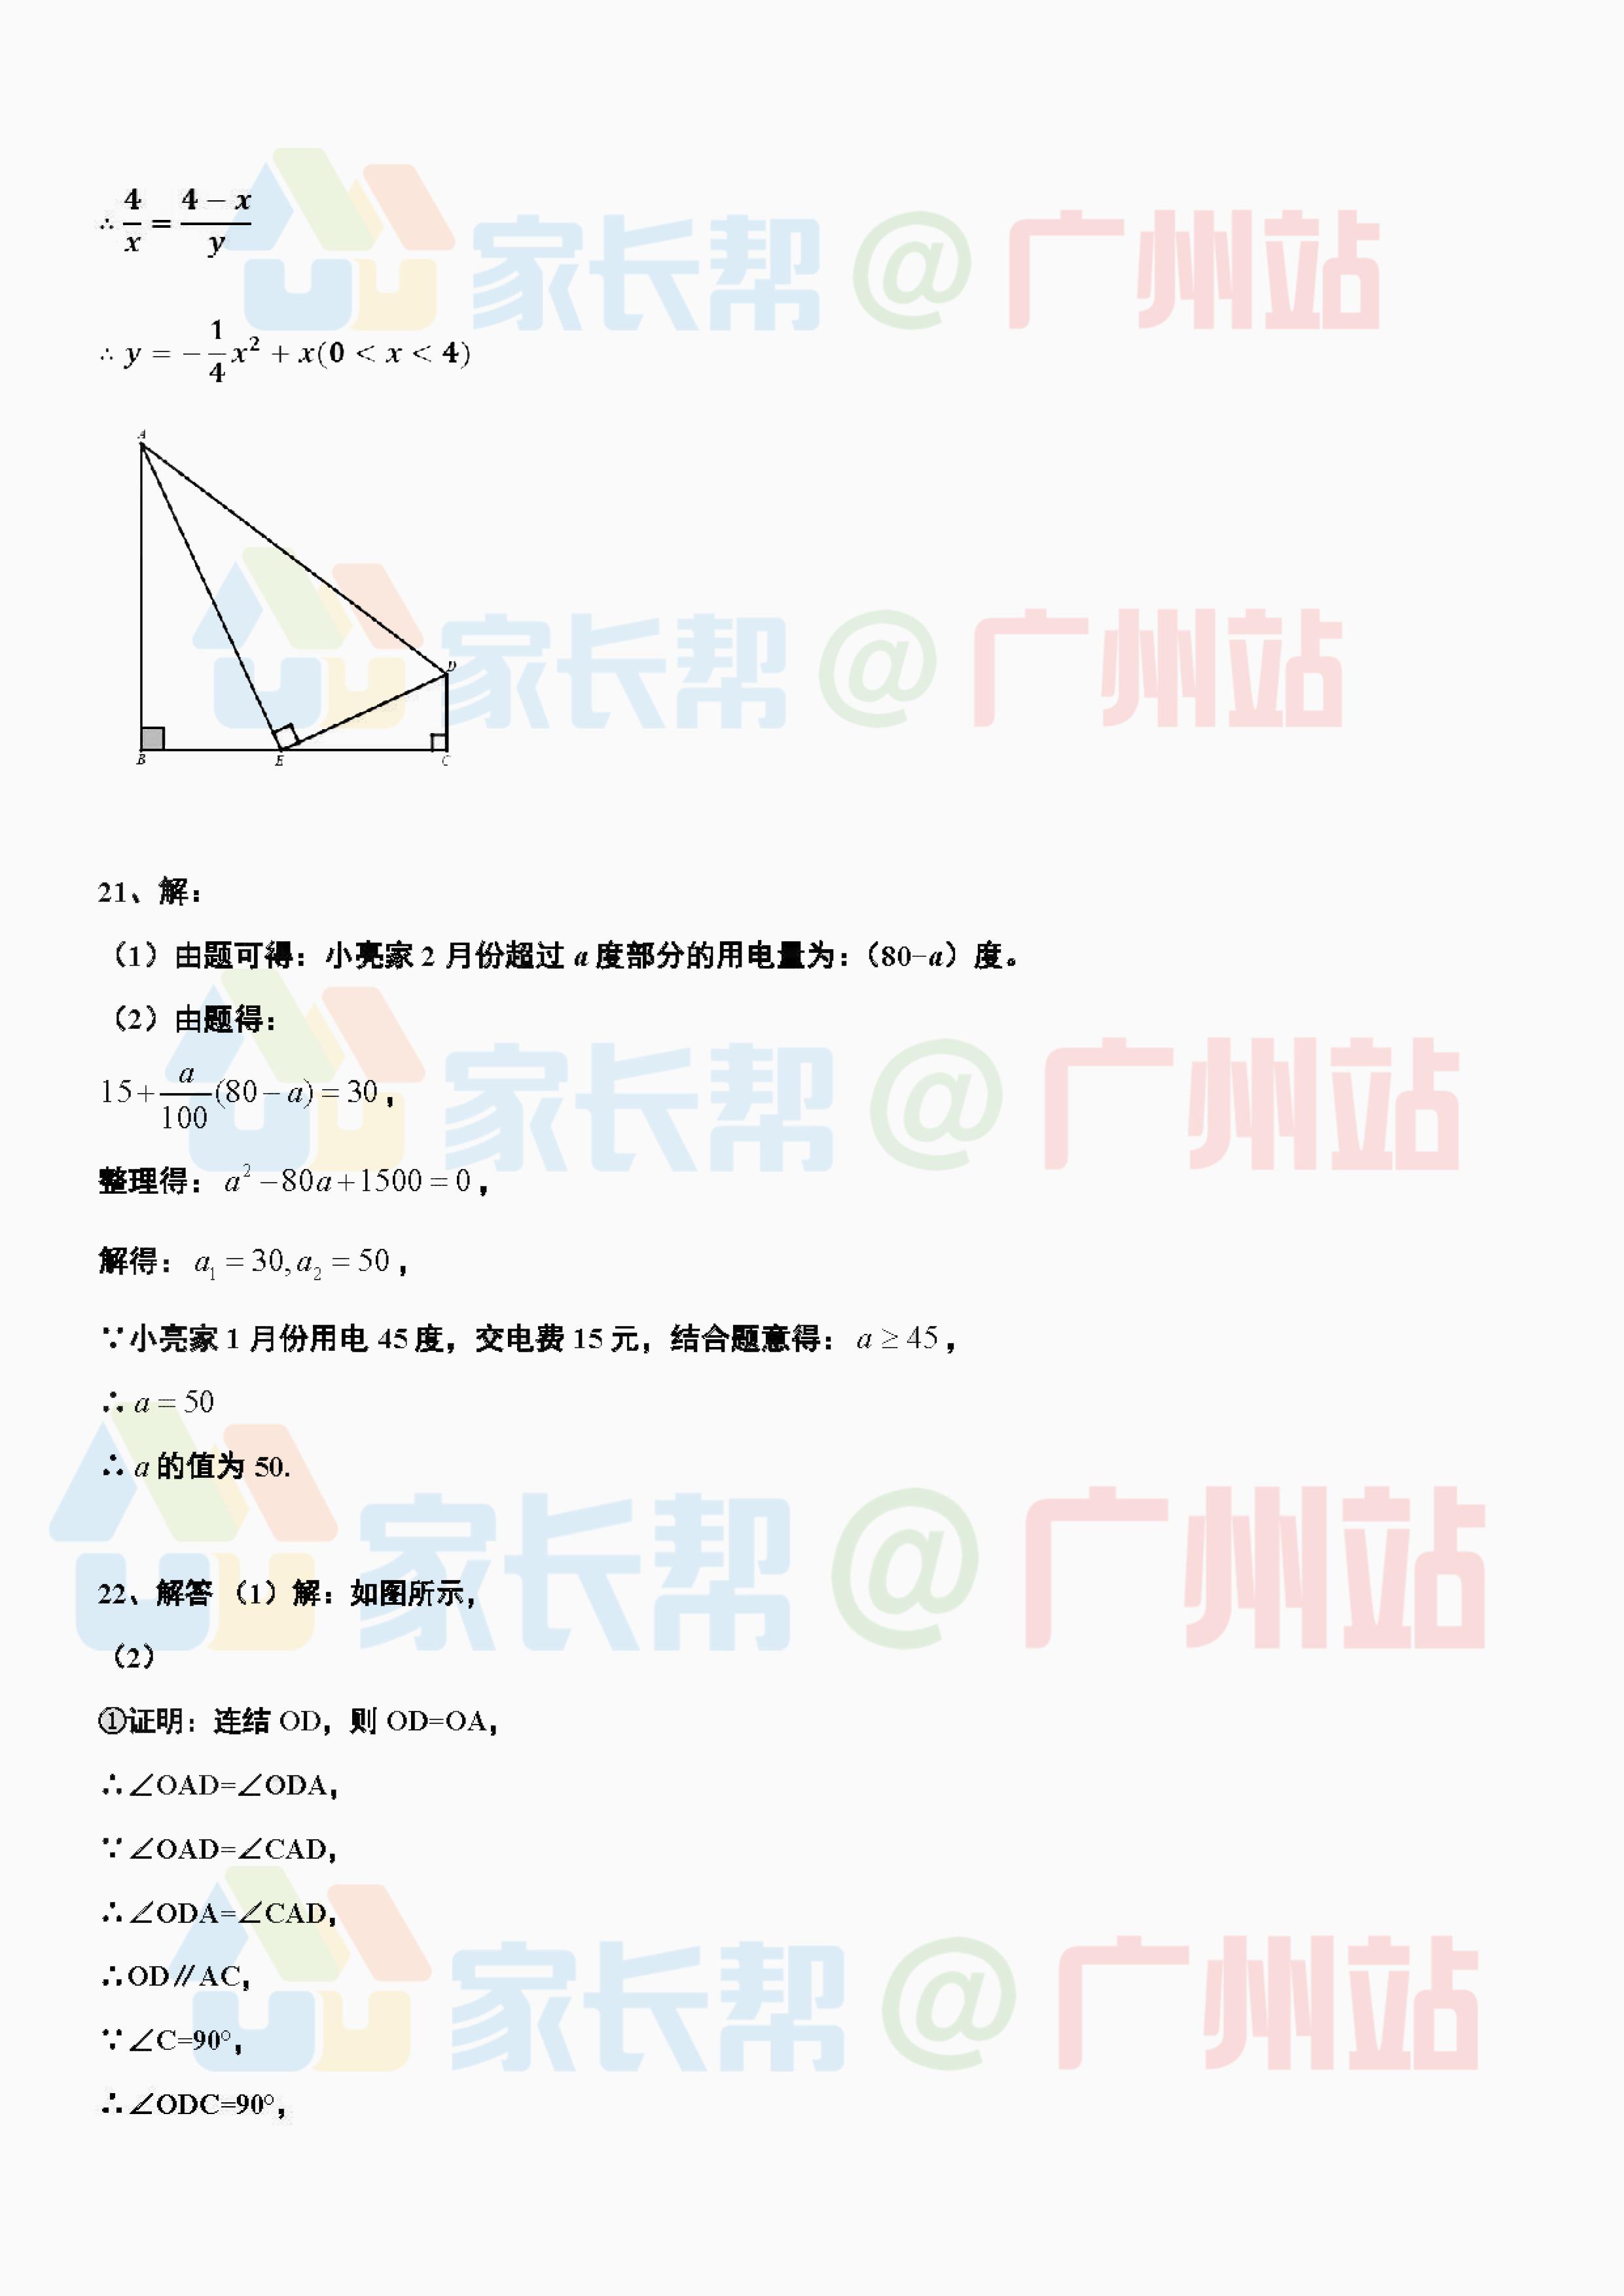 越秀区九年级数学答案-3.jpg